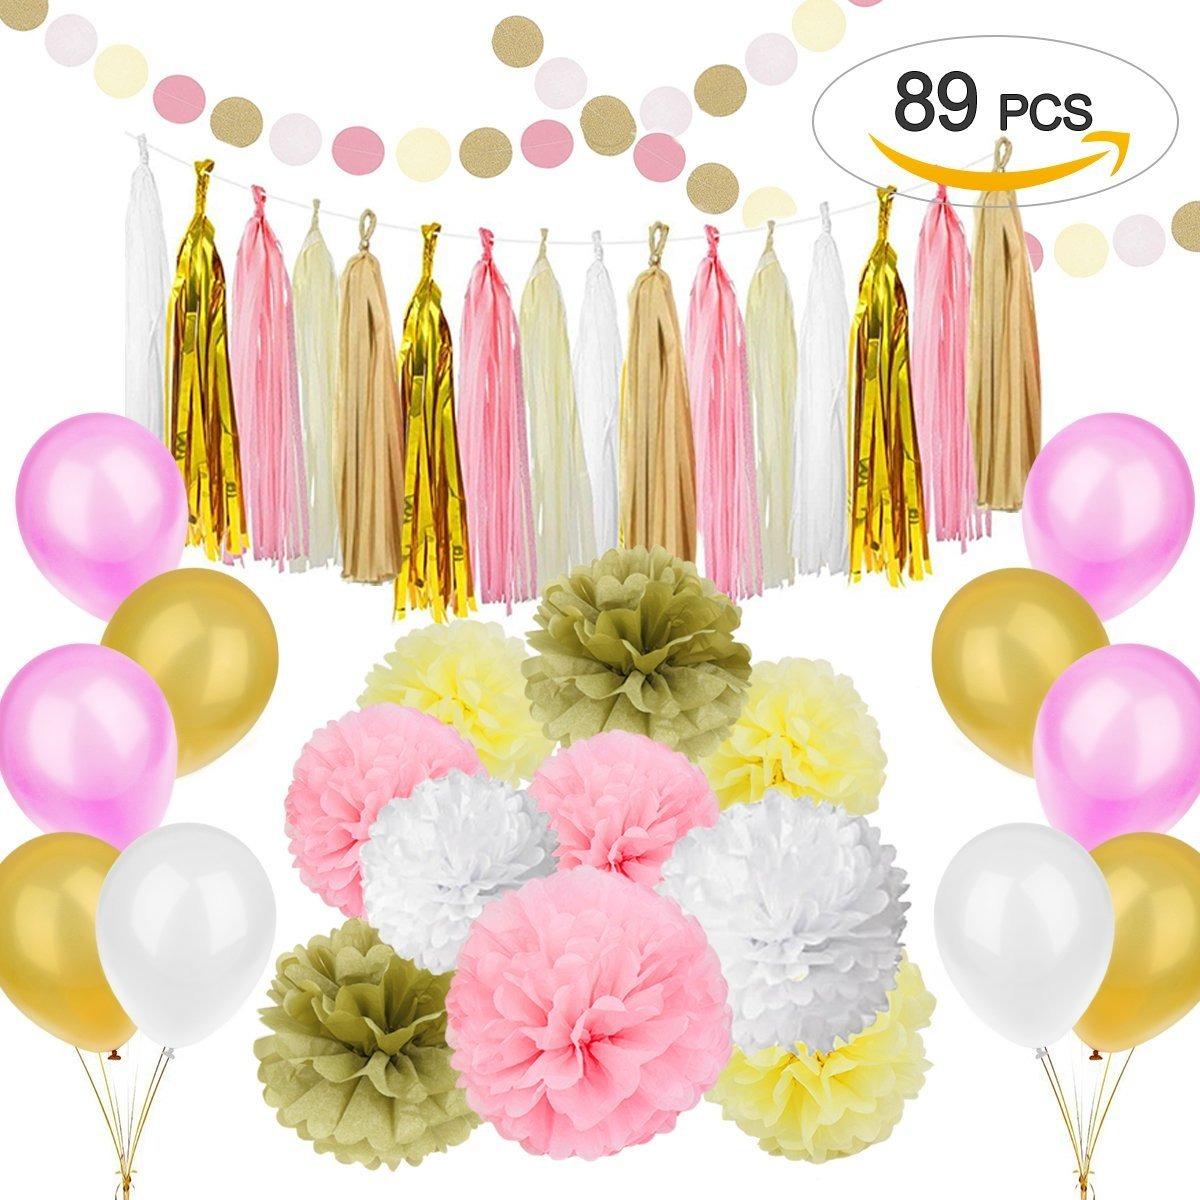 89 piezas juego de decoraciones de fiesta rosa dorado - Decoracion de cumpleanos rosa y dorado ...